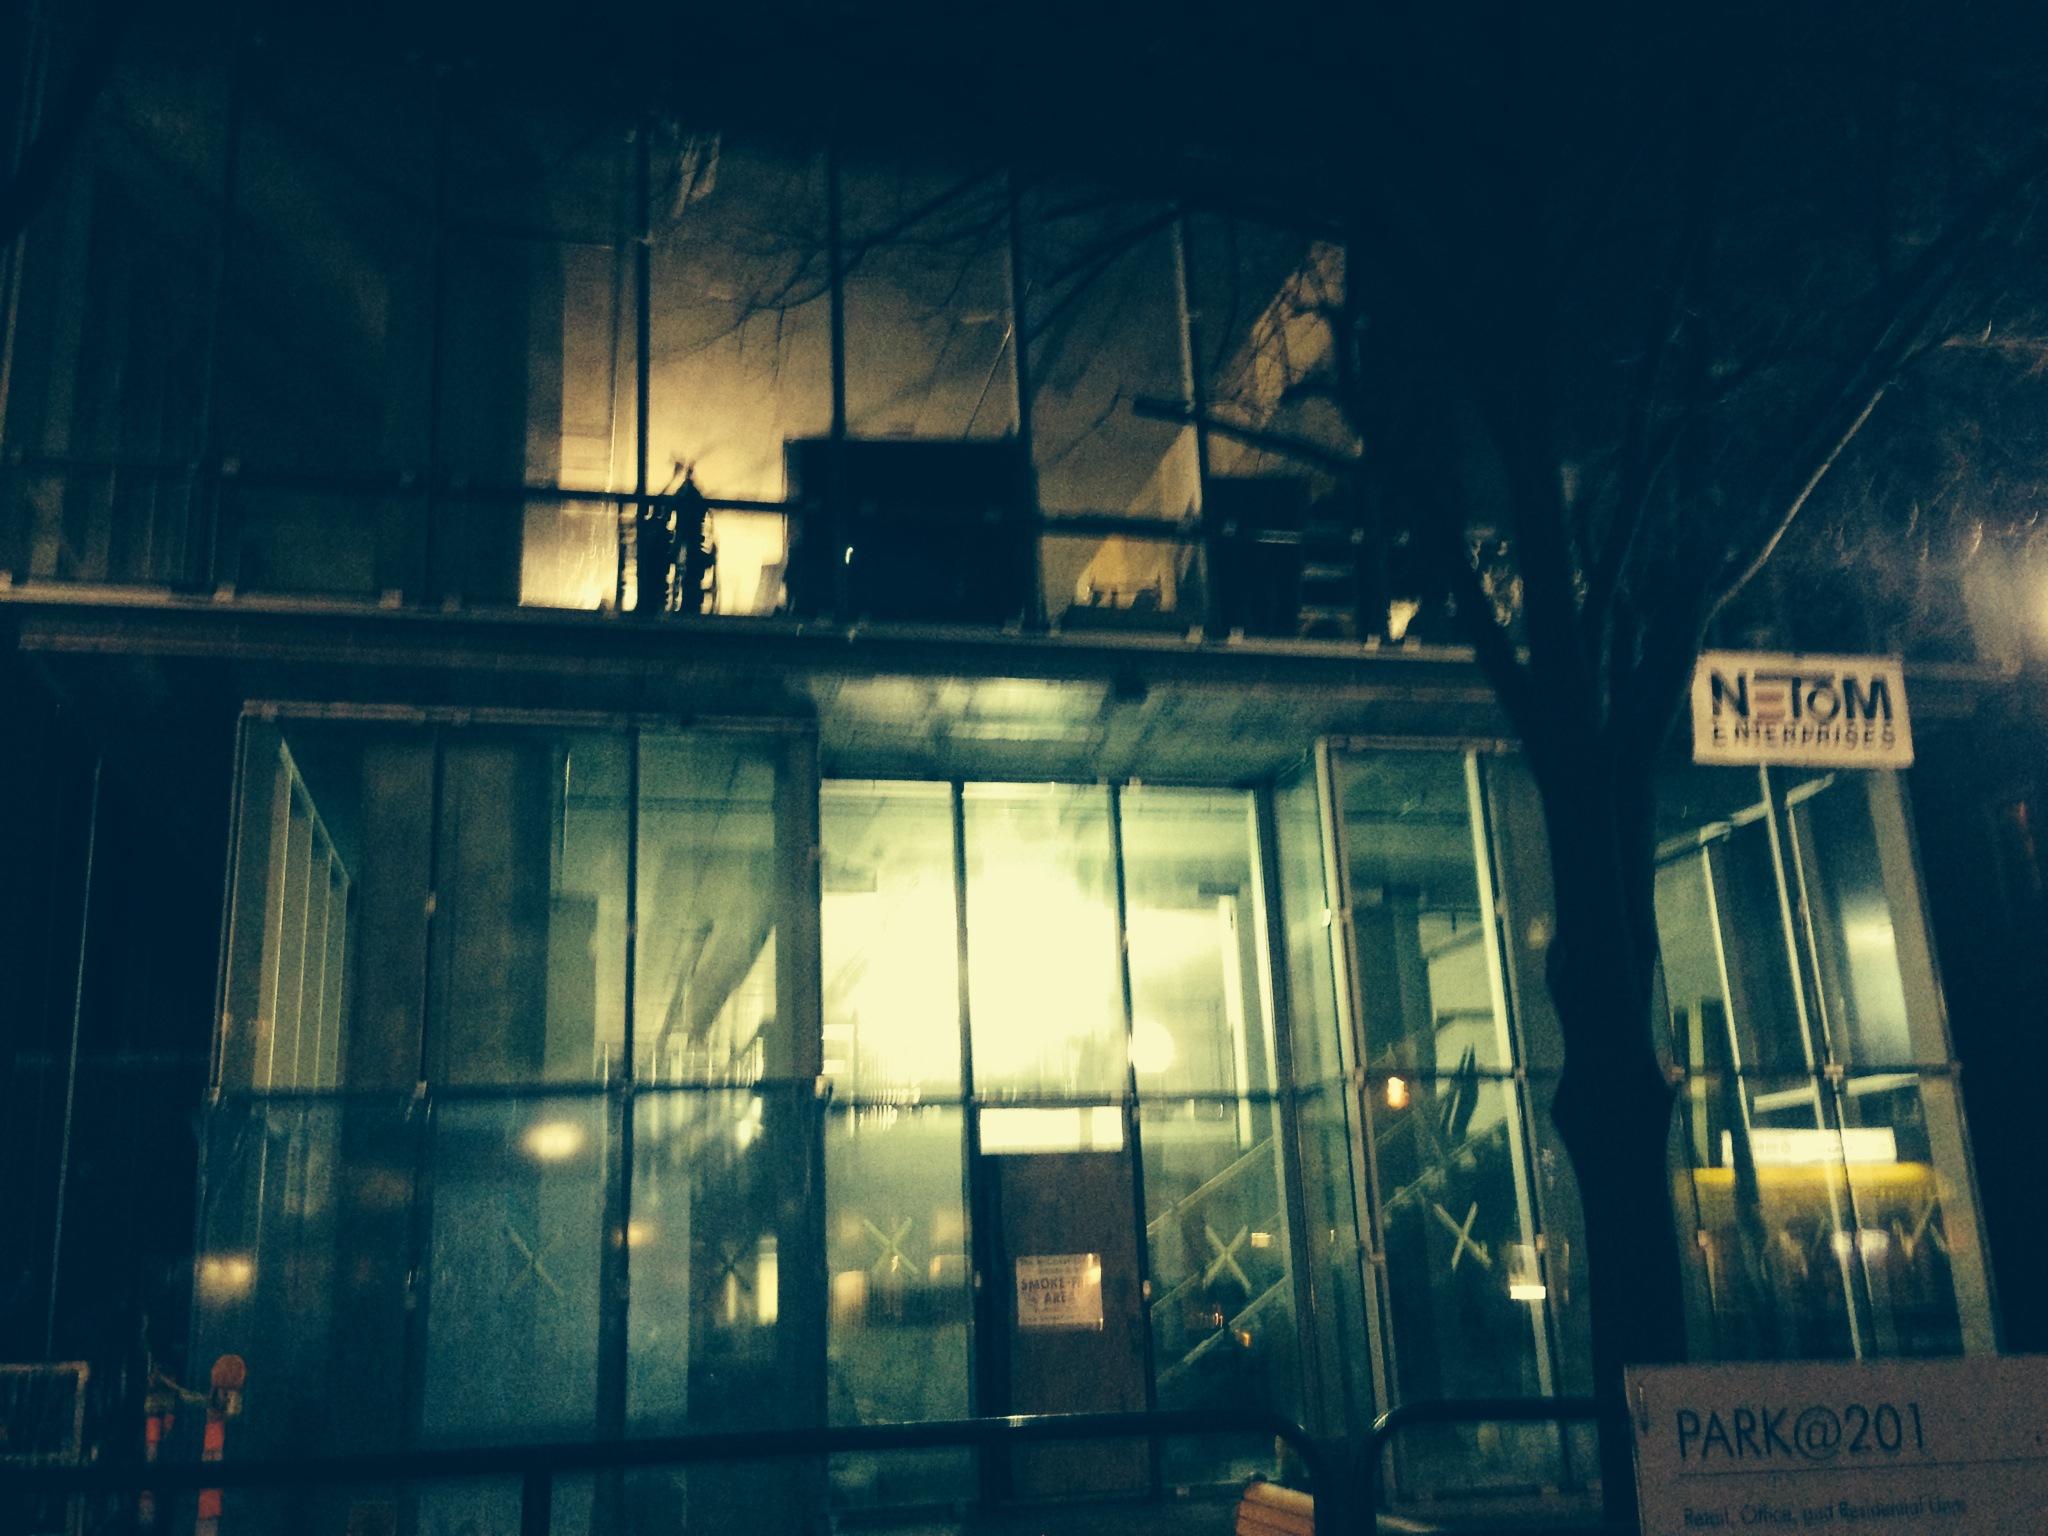 New Buzz Salon exterior downton Iowa CIty.